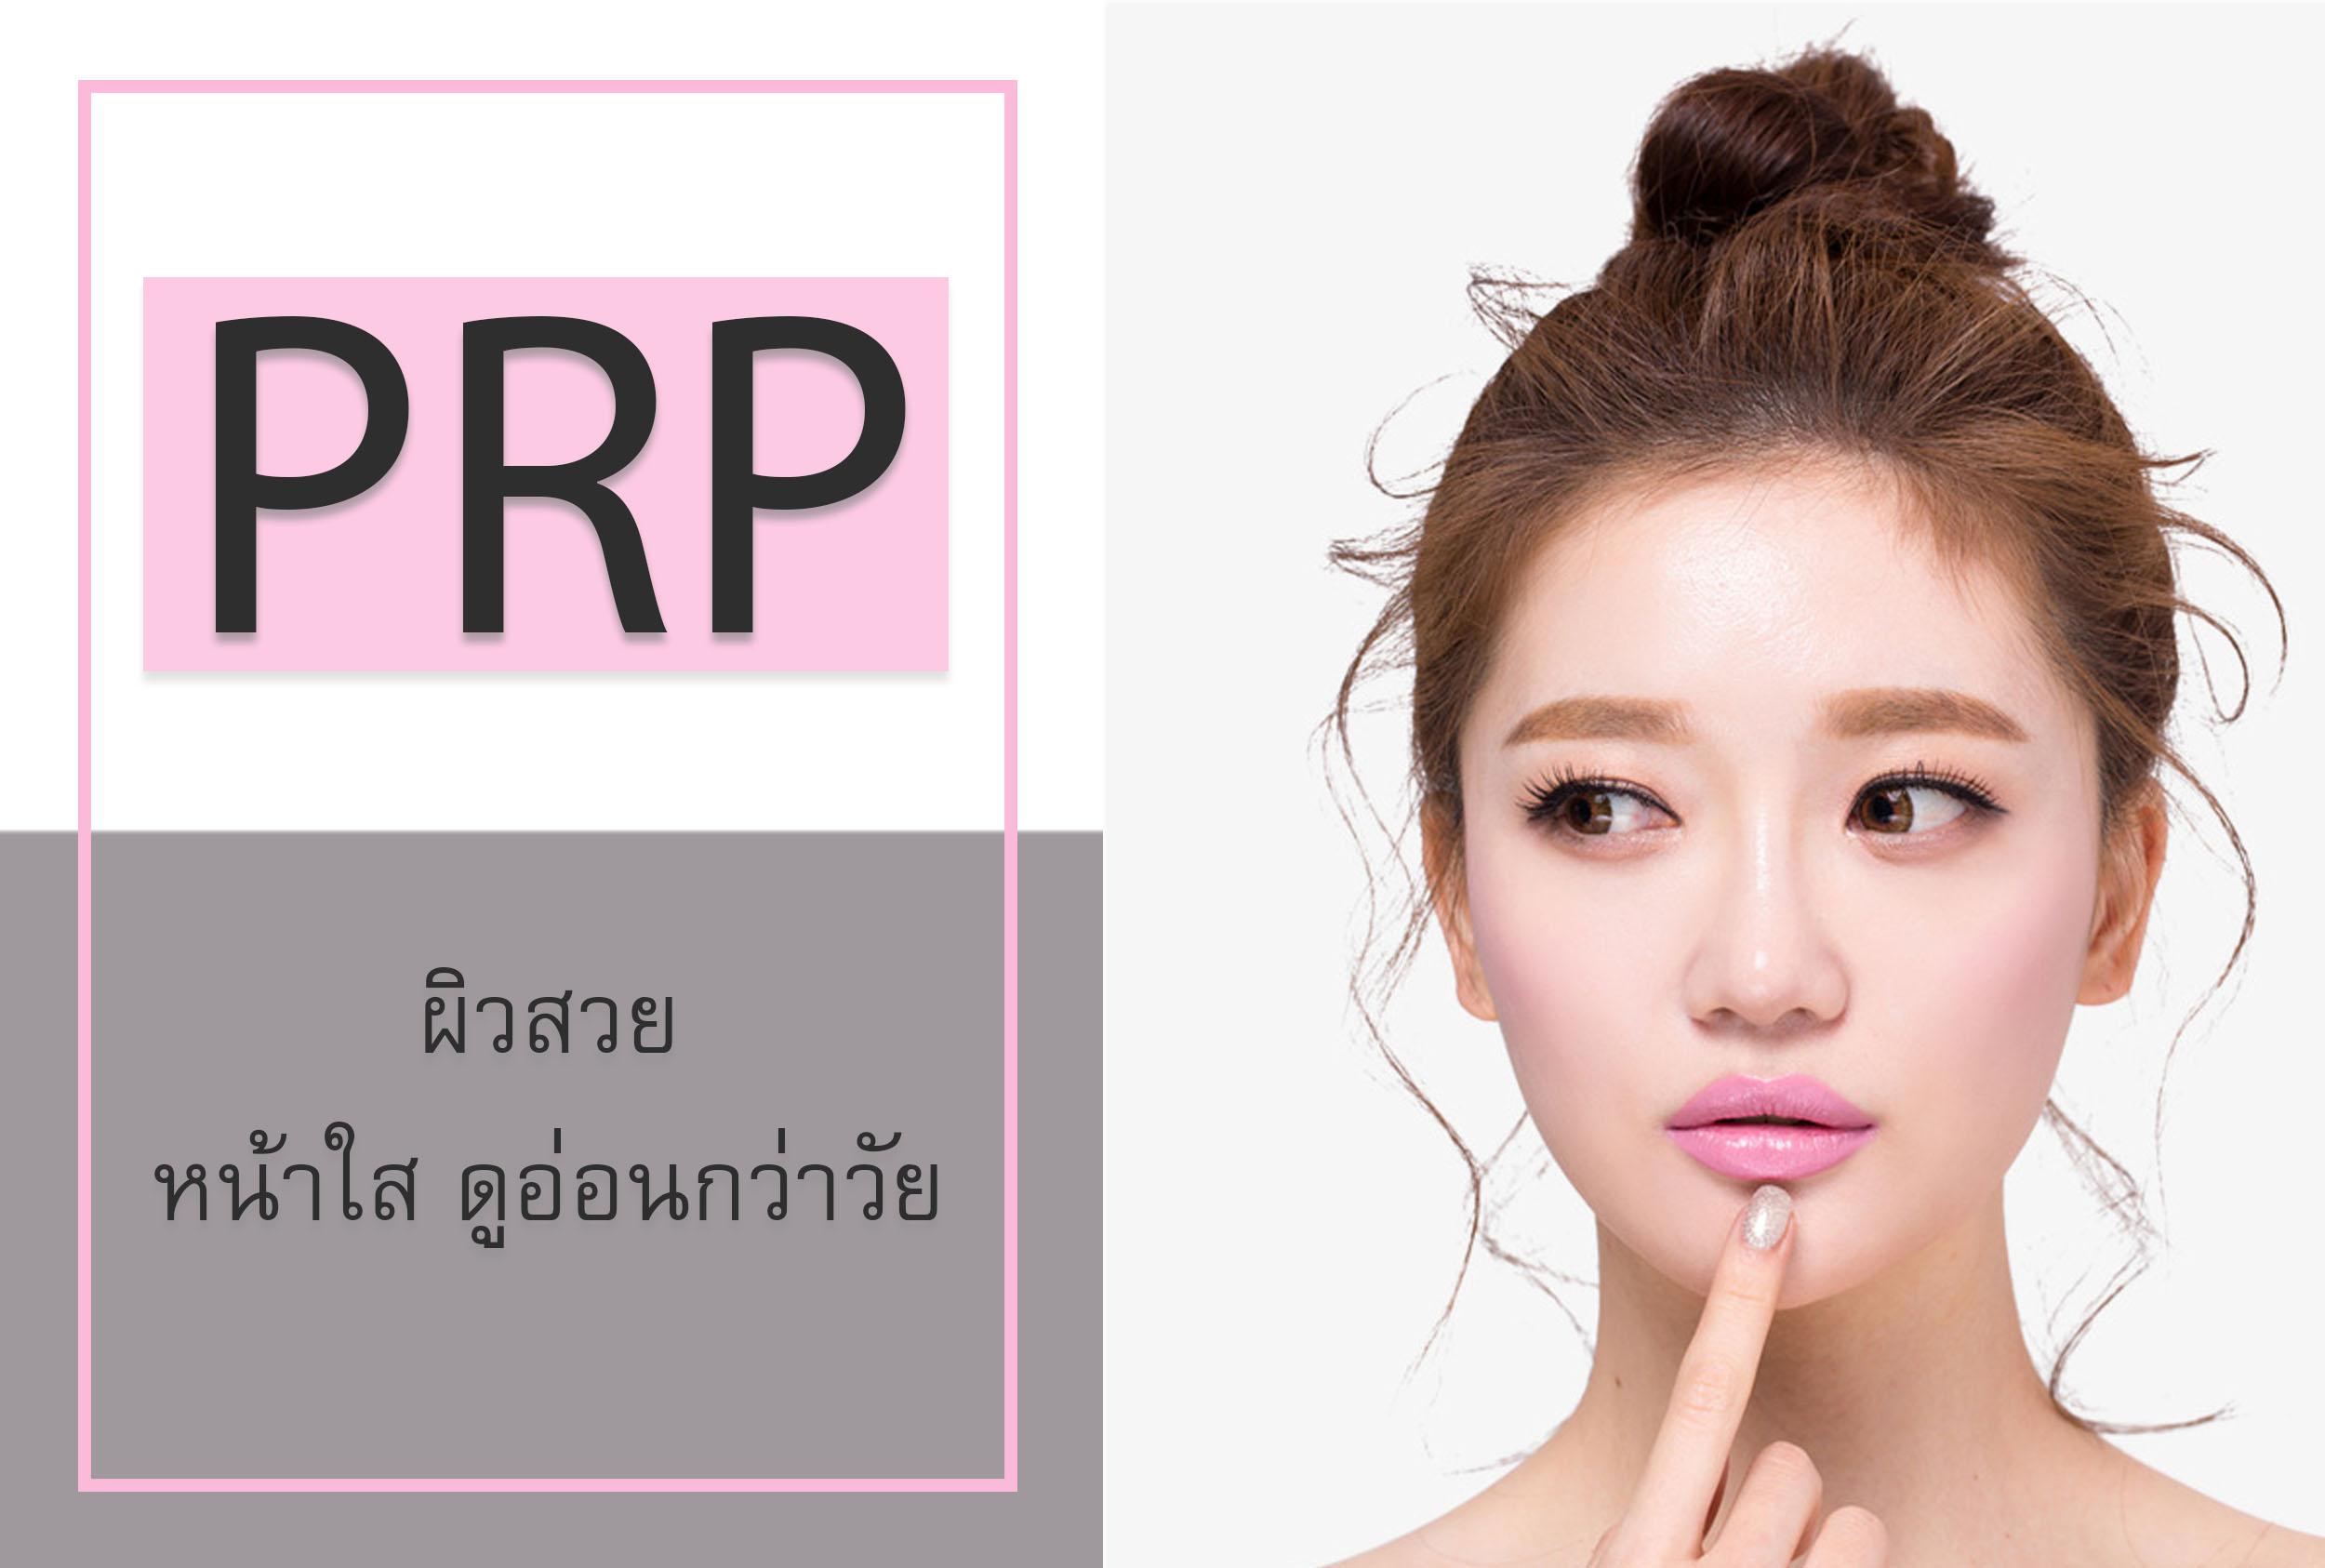 PRP ผิวสวย หน้าใส ดูอ่อนกว่าวัยยิ่งขึ้น